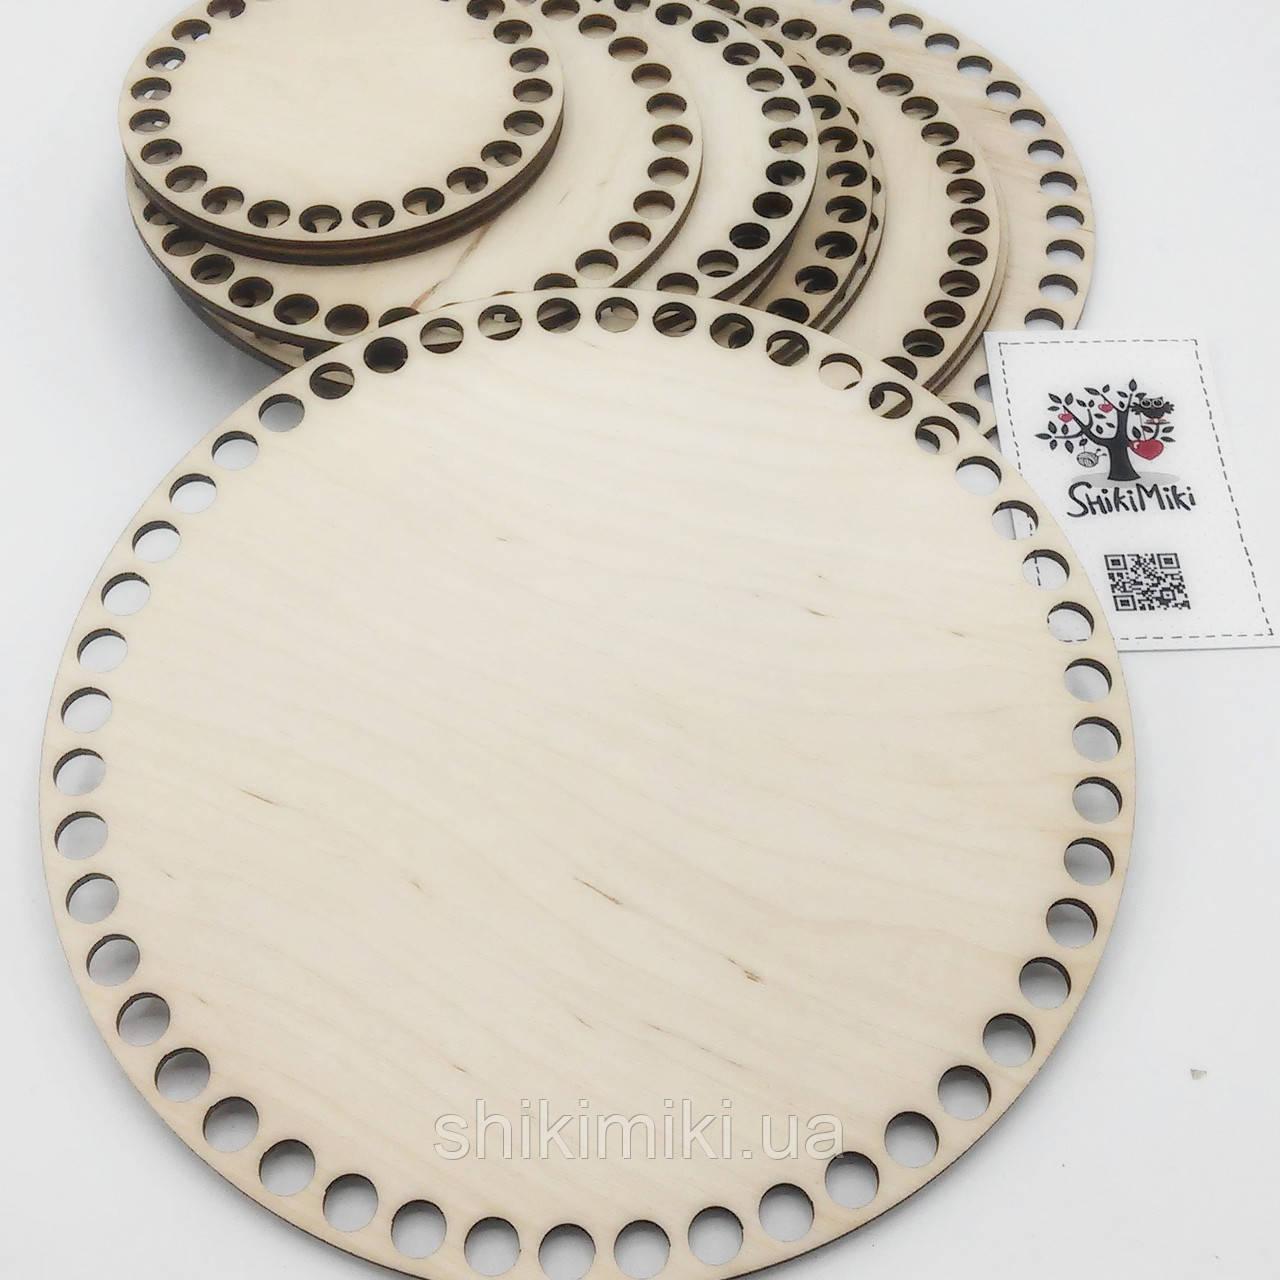 Заготовка из фанеры круглая (20 см)